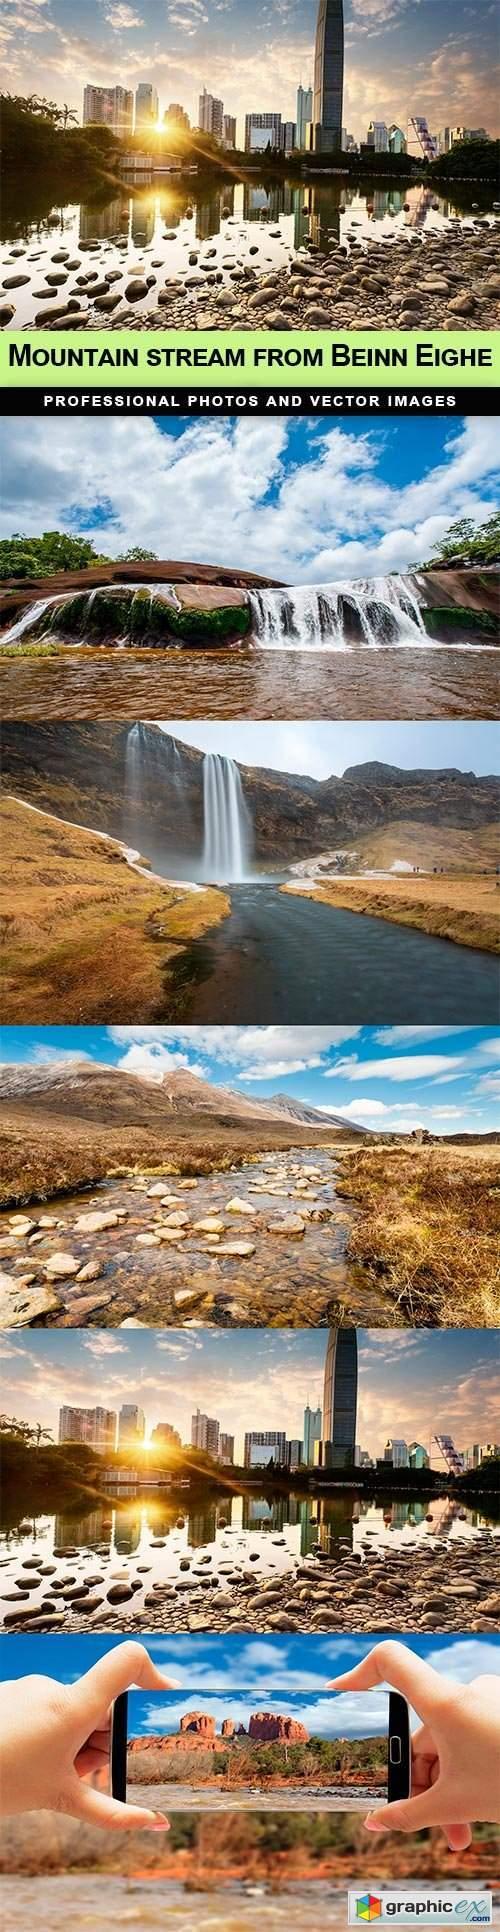 Mountain stream from Beinn Eighe - 5 UHQ JPEG